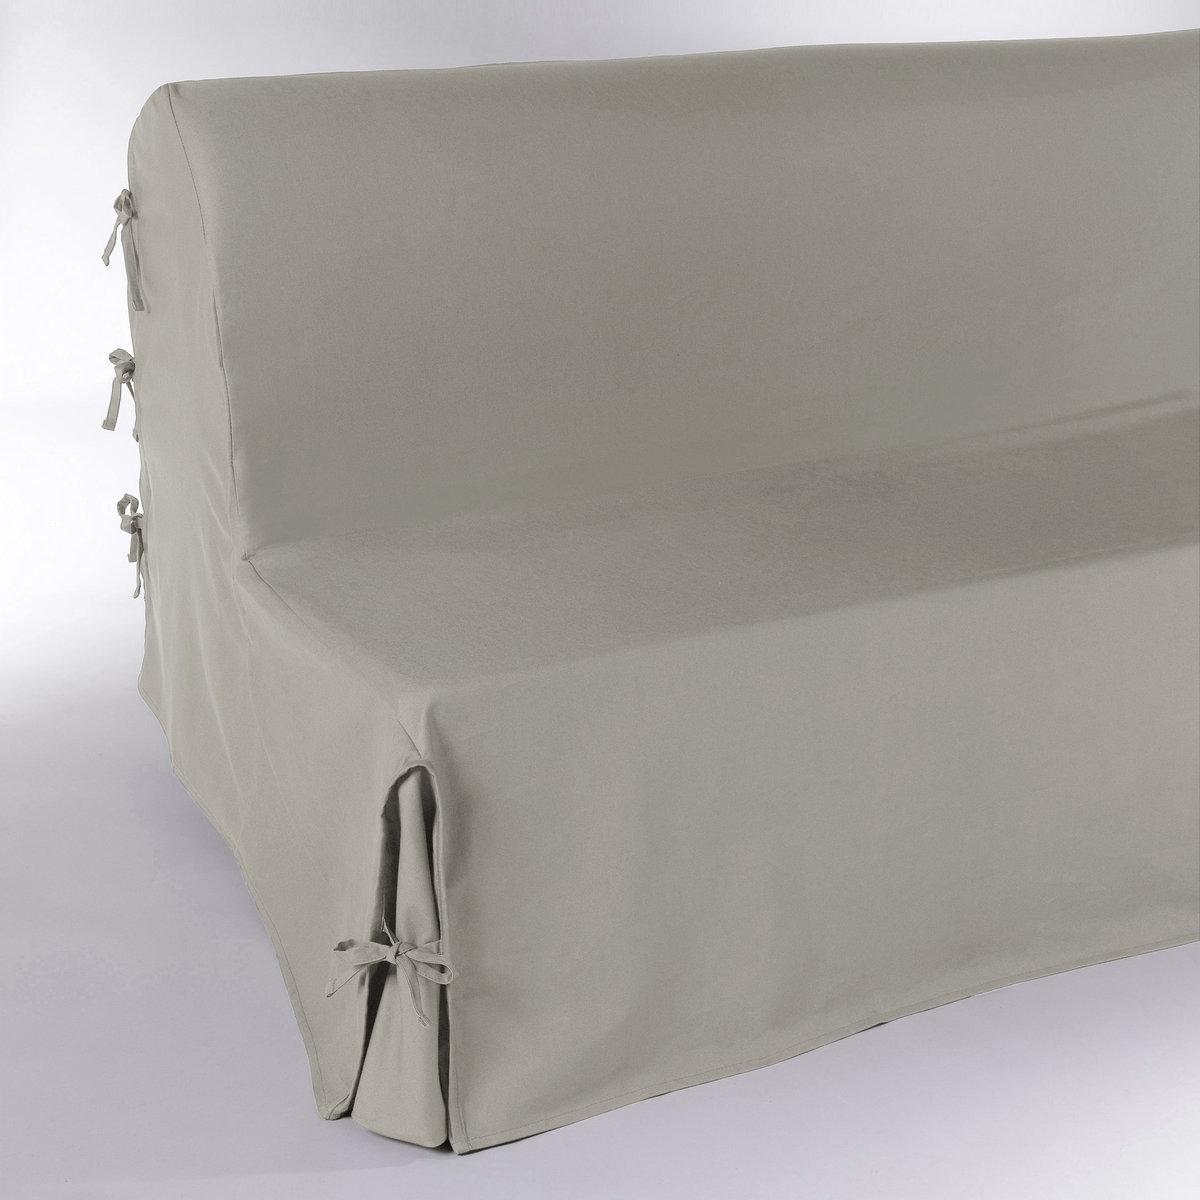 Чехол для дивана-аккордеонаЧехол для дивана-аккордеона выполнен в стильной цветовой гамме. Подарите новую жизнь дивану! Чехол из красивой плотной ткани, 100% хлопка (220 г/м?).Полностью закрывает диван включая спинку: удобные клапаны фиксируются завязками. Простой уход: стирка при 40°, превосходная стойкость цвета.Обработка против пятен.Размеры: 2 ширины на выбор. Длина в разложенном состоянии: 190 см. Качество VALEUR S?RE.  Производство осуществляется с учетом стандартов по защите окружающей среды и здоровья человека, что подтверждено сертификатом Oeko-tex®.<br><br>Цвет: облачно-серый<br>Размер: 160 cm